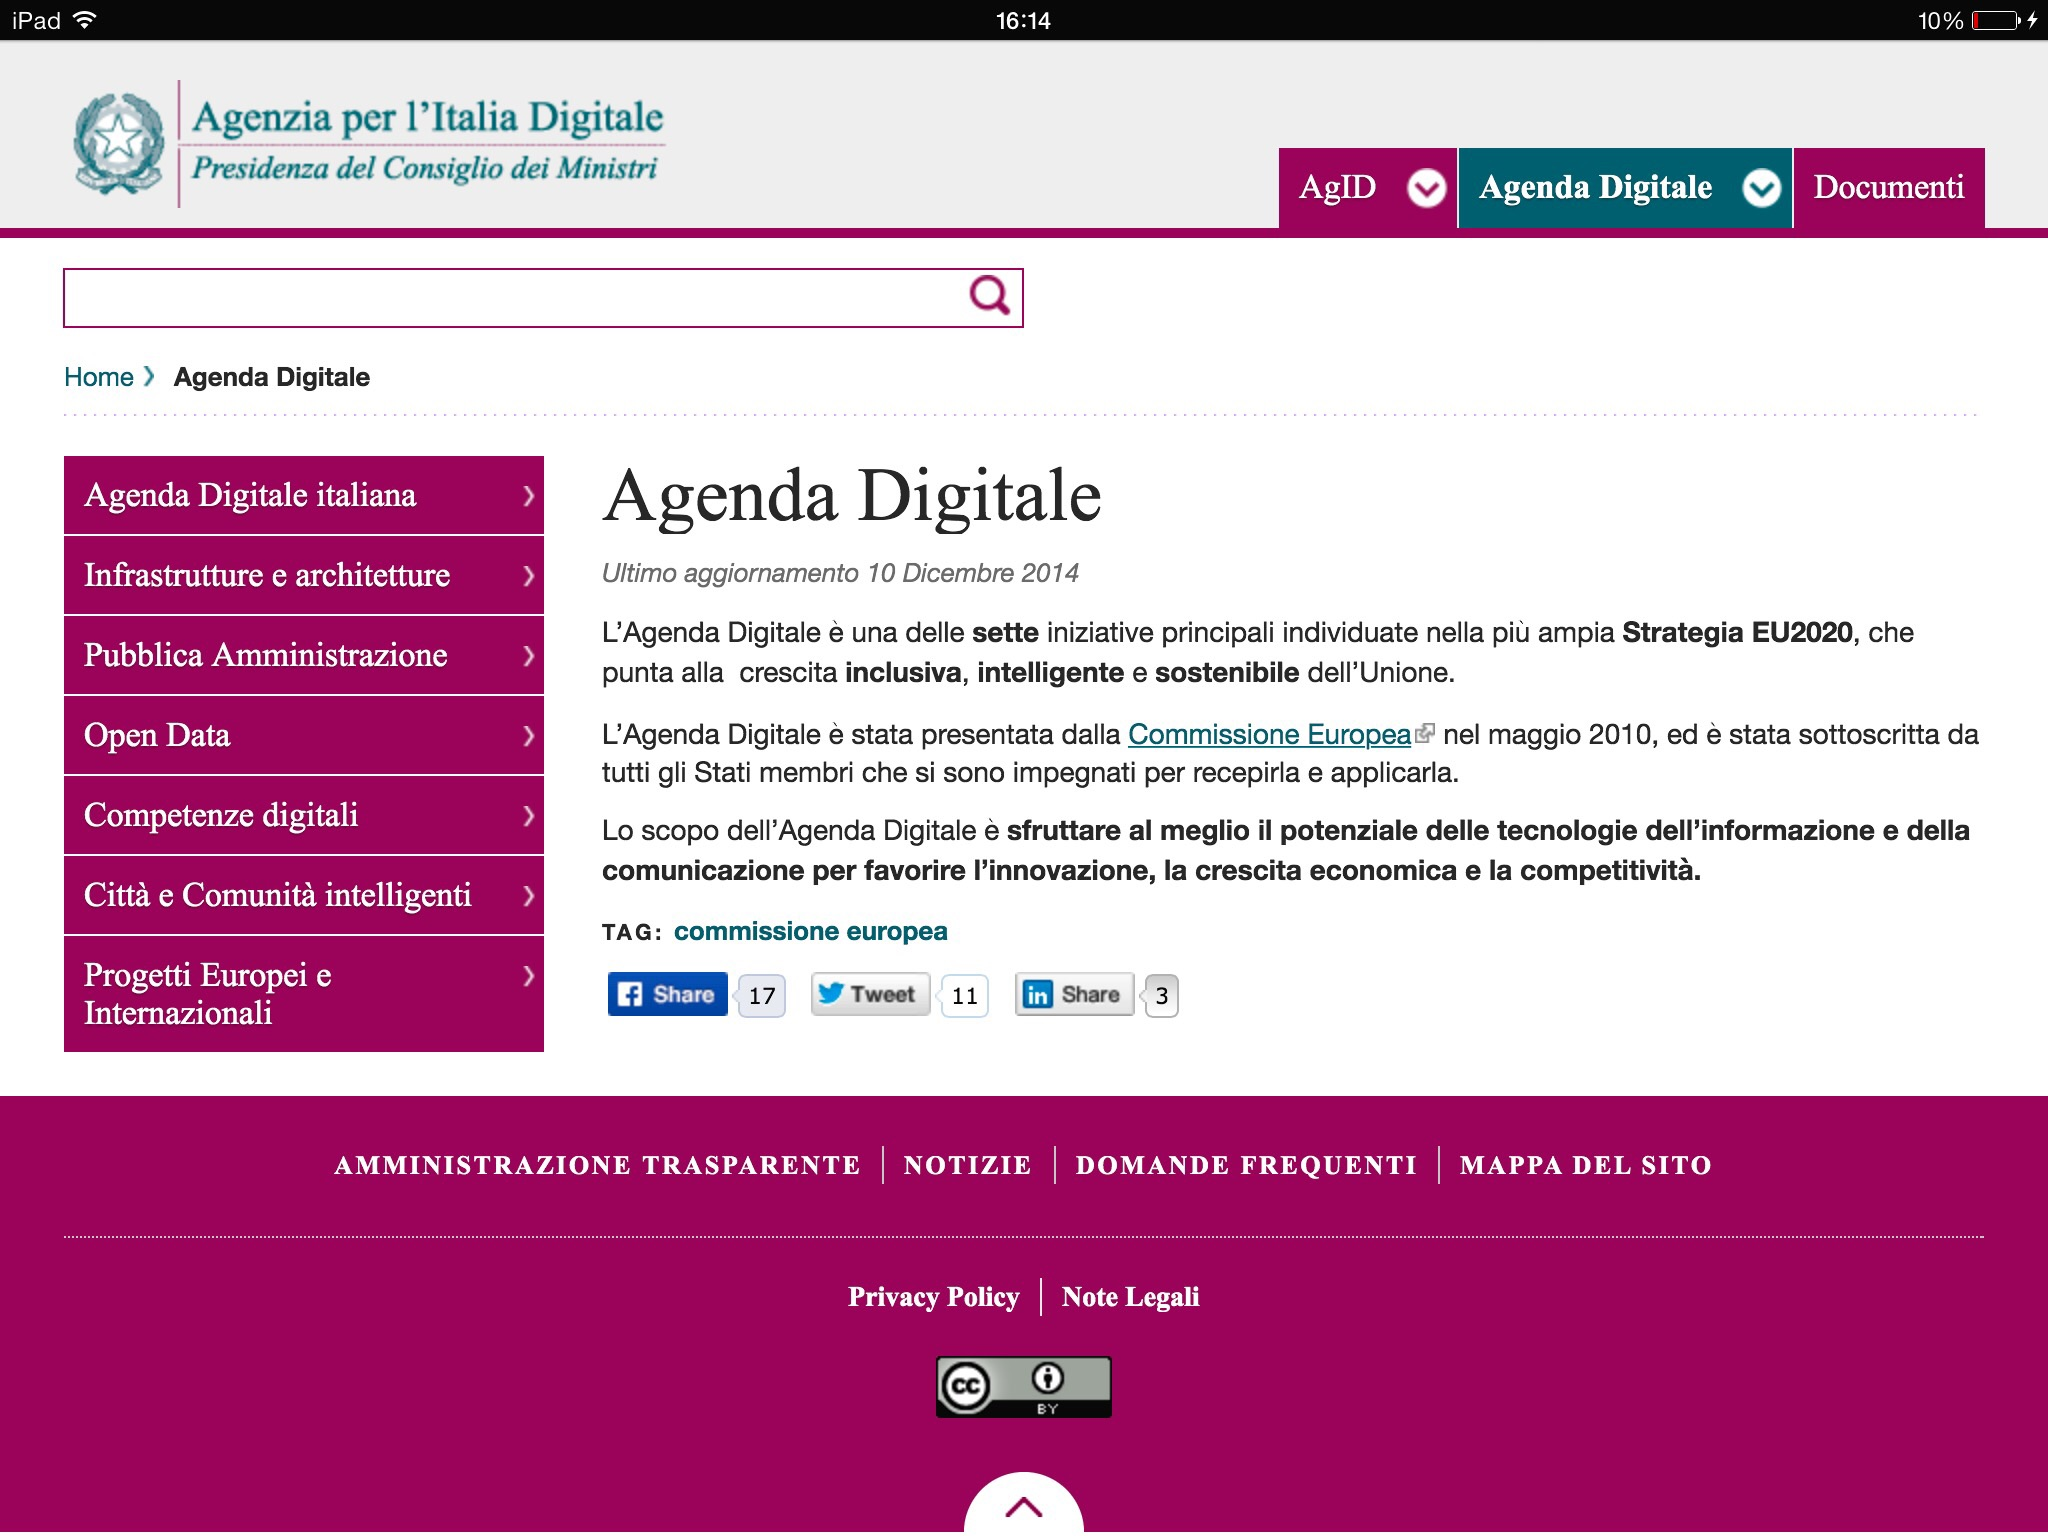 Sito web agenda digitale italiana